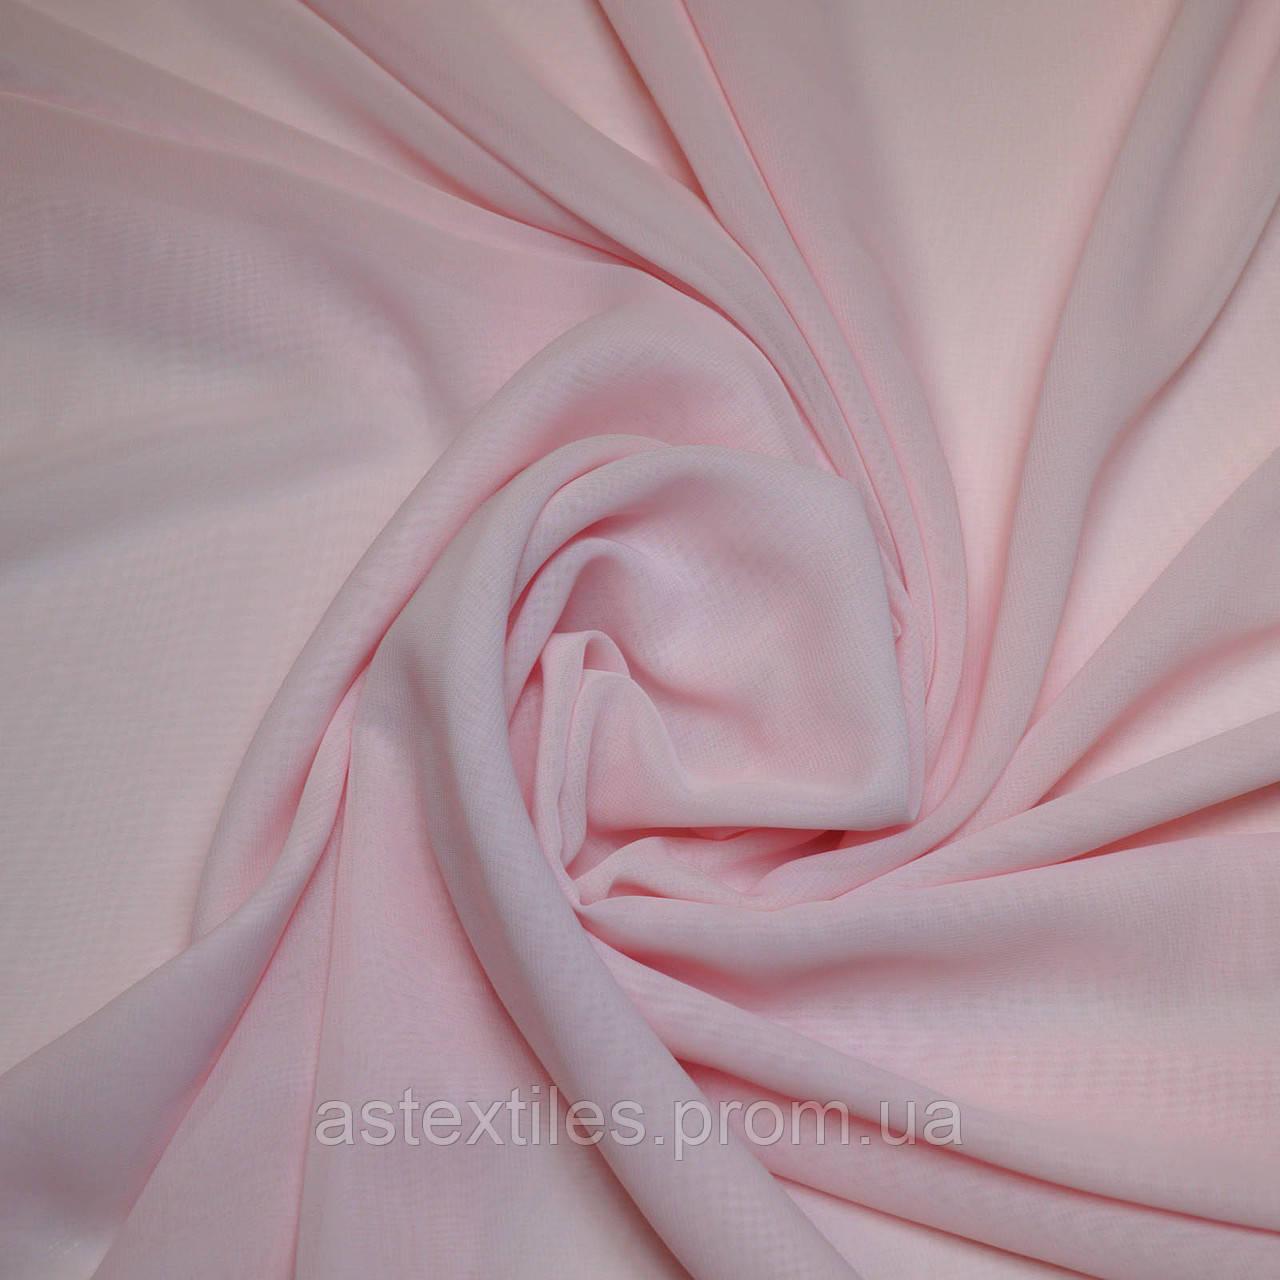 Шифон одежный однотонный (светло-розовый)